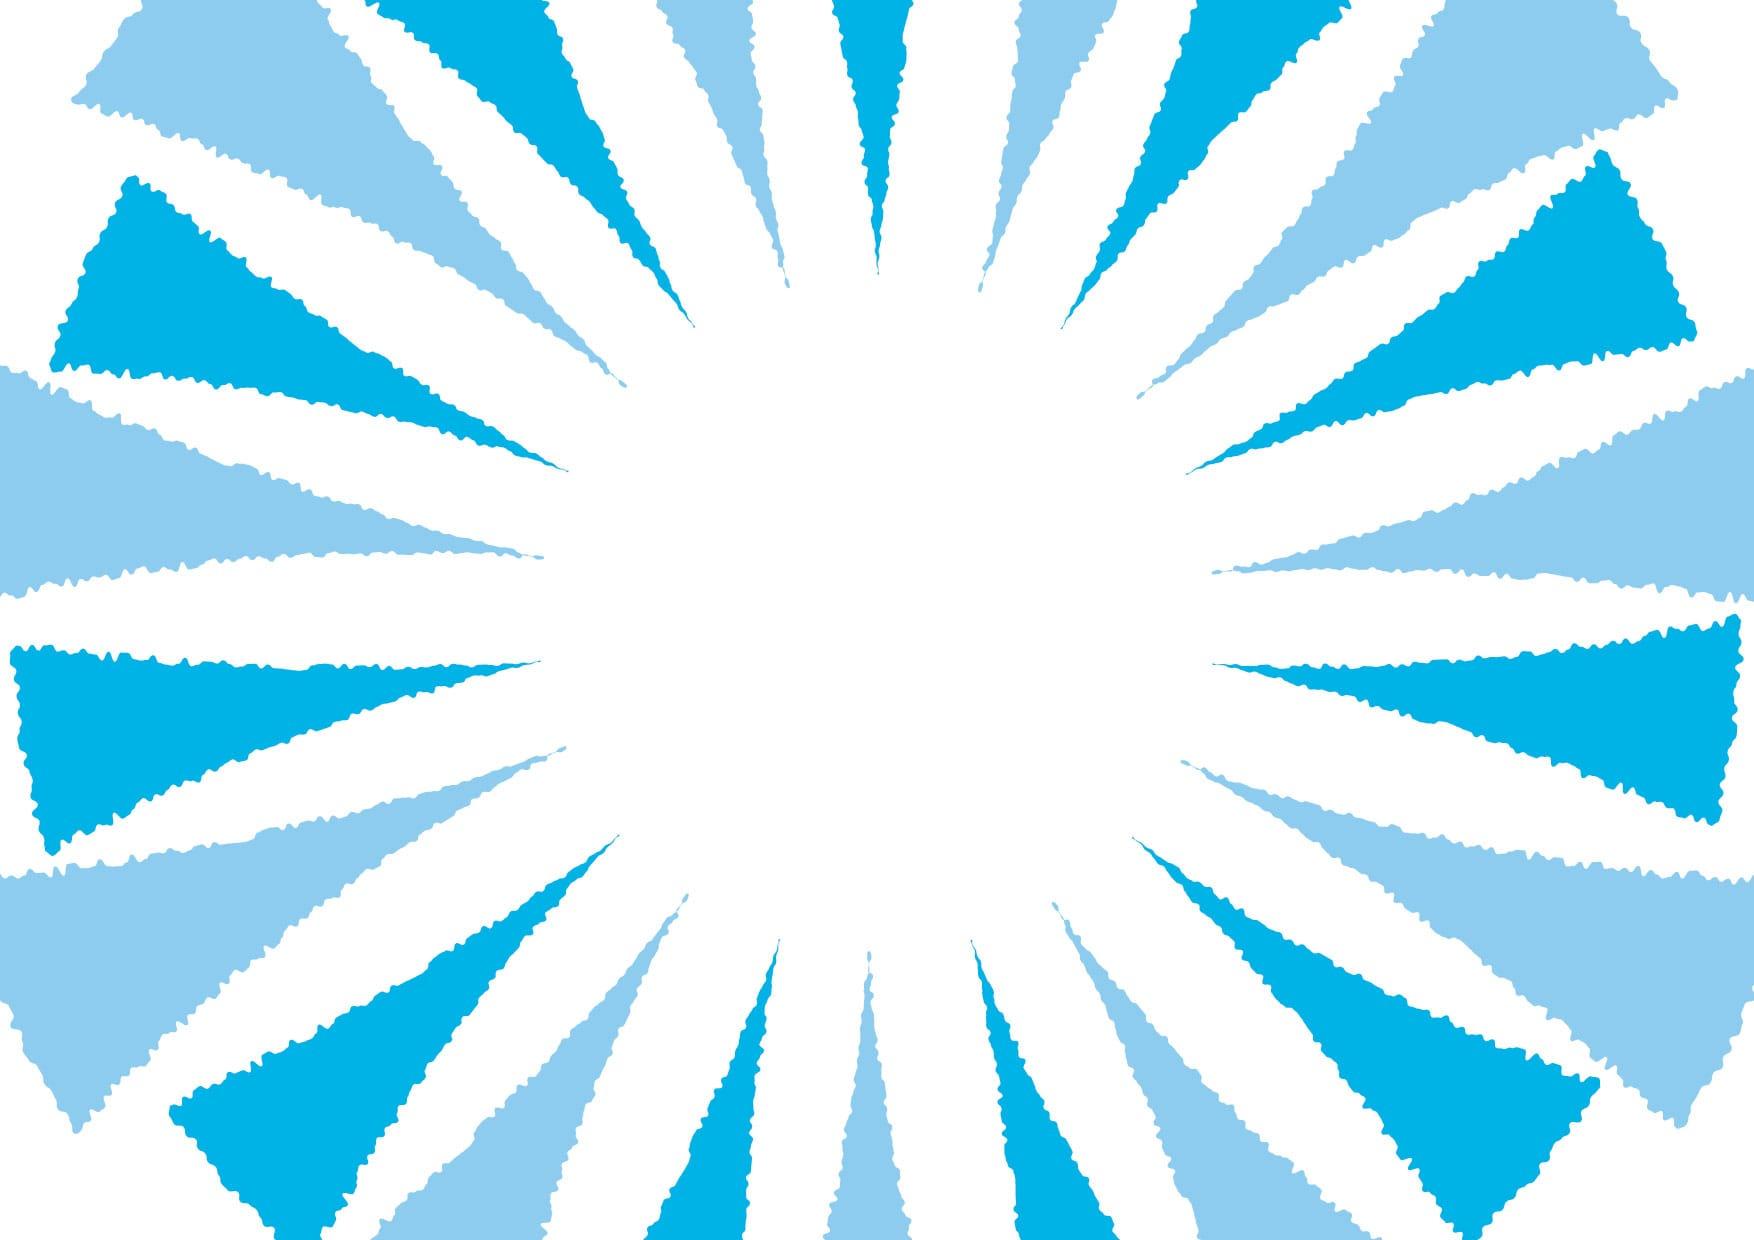 可愛いイラスト無料|ギラギラ 背景 青色 − free illustration  Glitter background blue